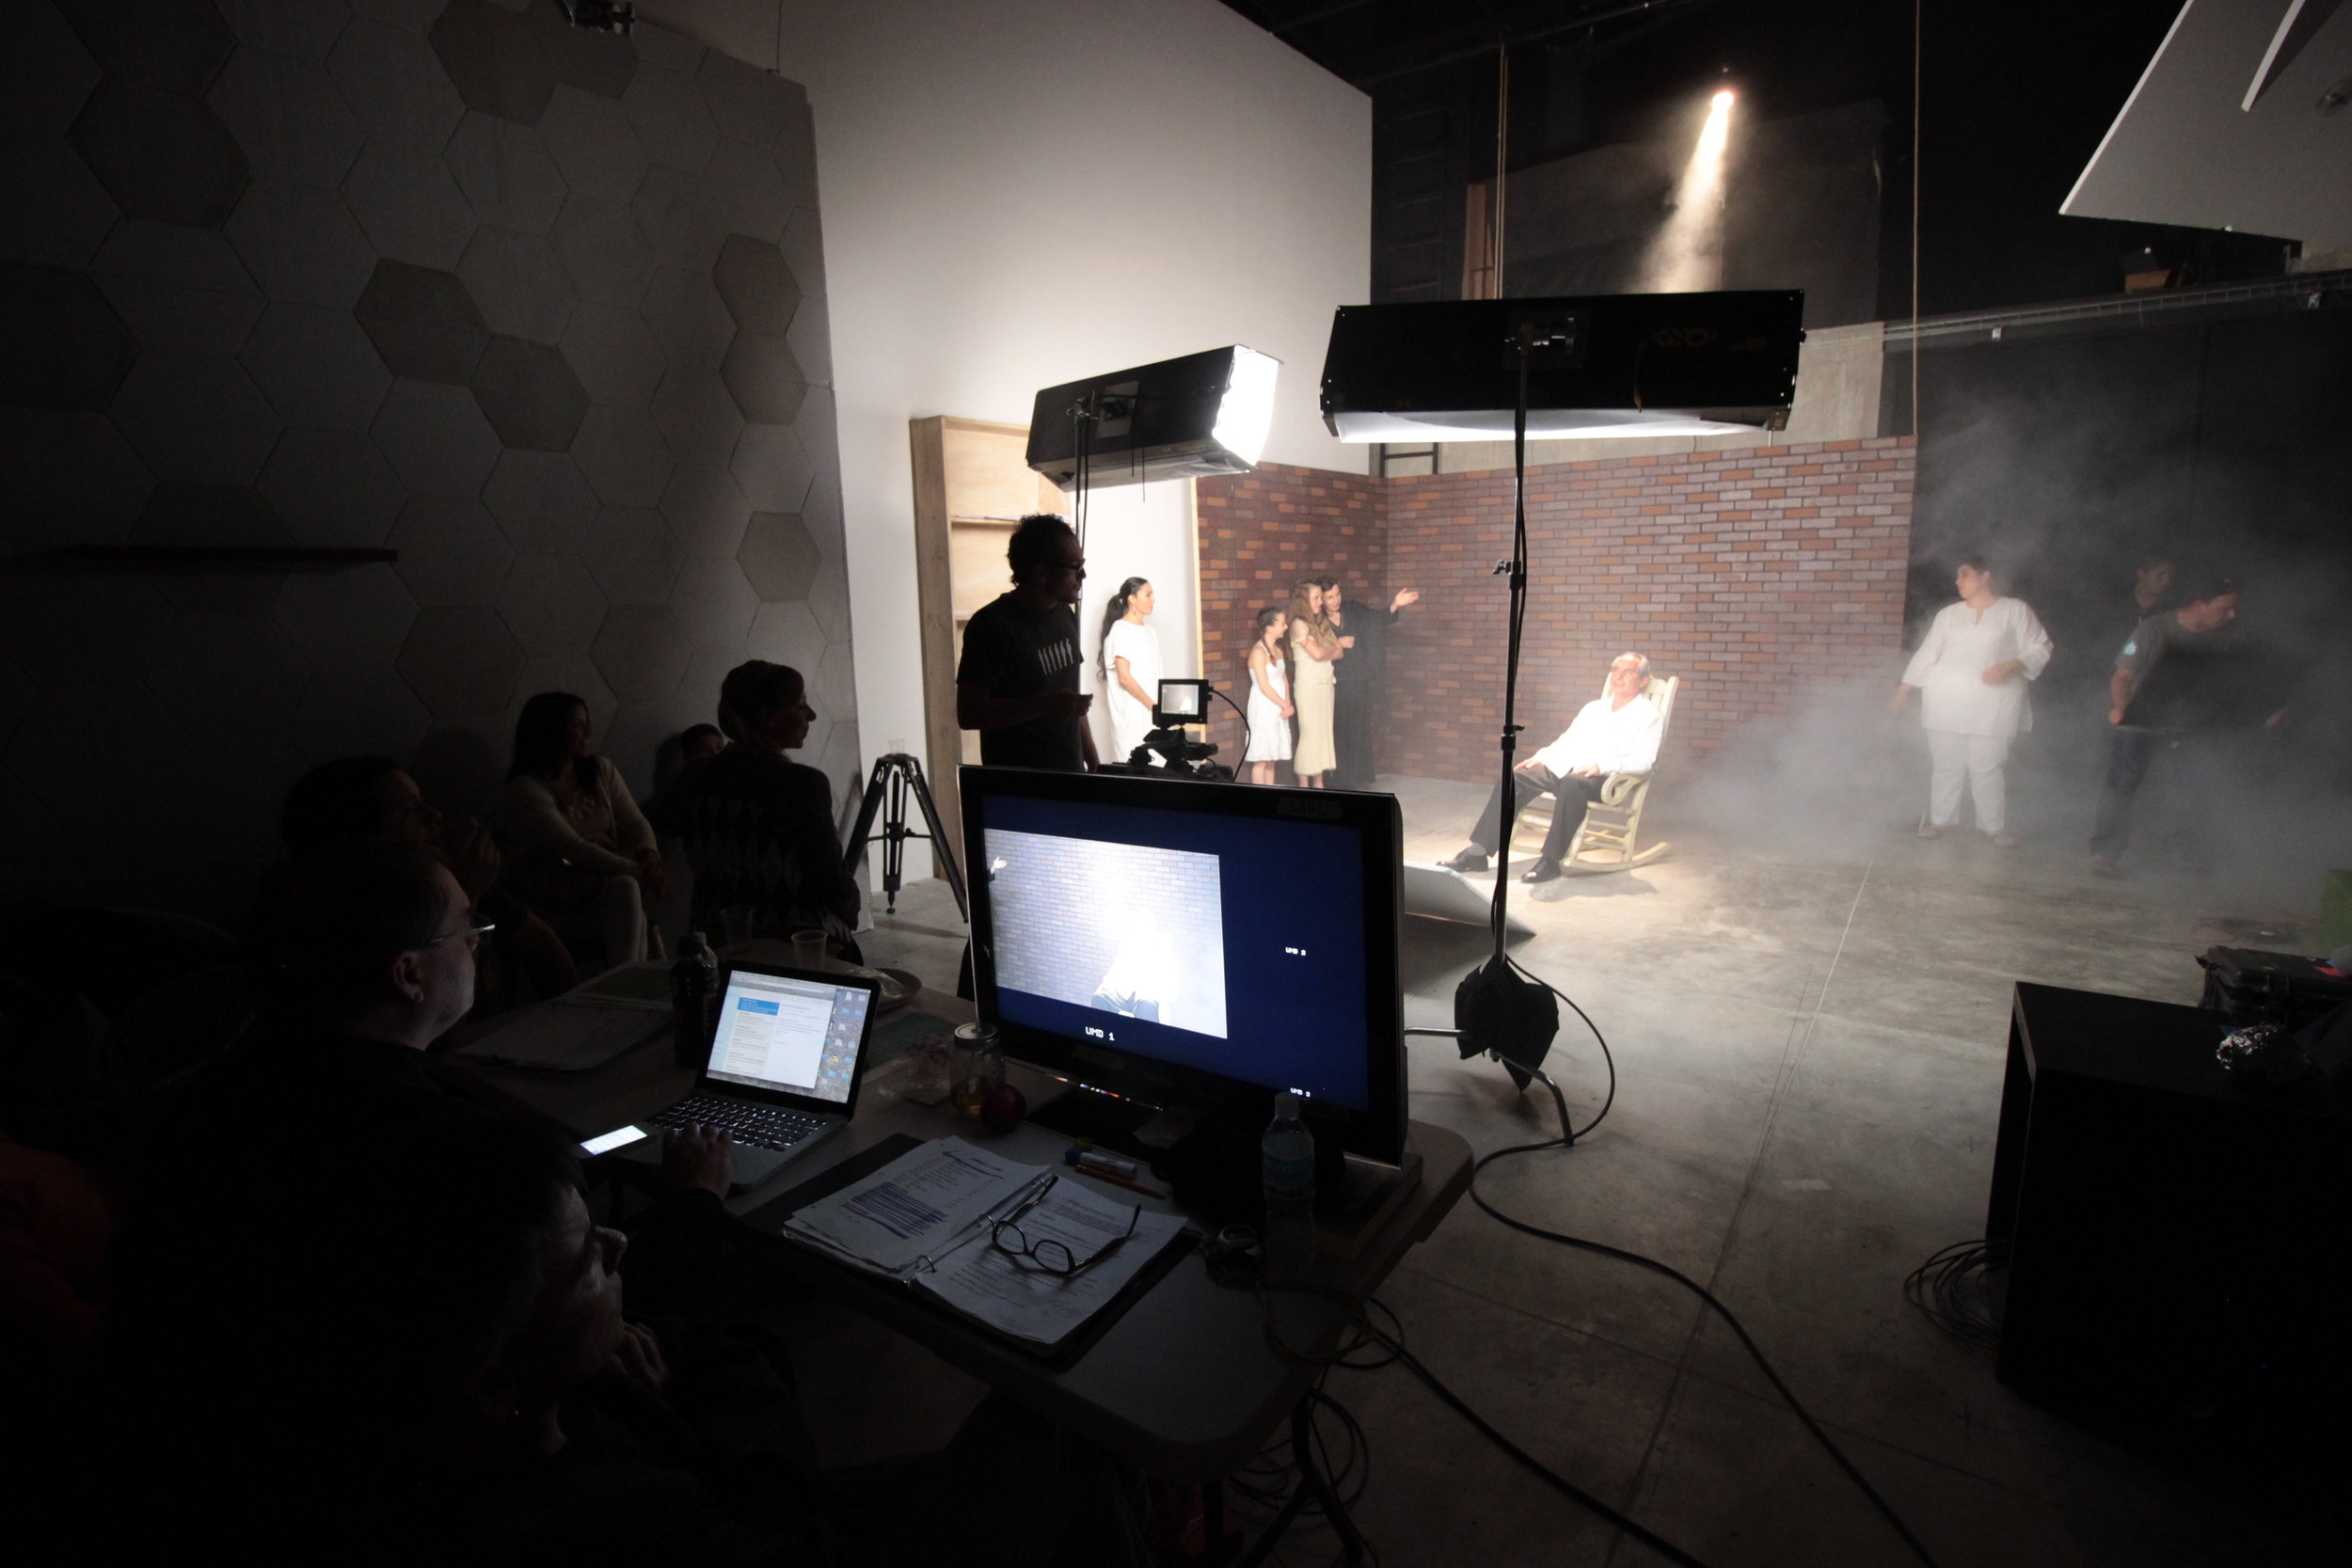 """Programas de televisión - Tenemos amplia experiencia en producción de televisión, sobretodo hemos trabajado para canal 11, 22, TVUNAM.Series como la de esta foto """"Teatro Estudio"""", Galería Plástica, ¿Qué es exo?…Tenemos todo para talkshows, en nuestro foro."""